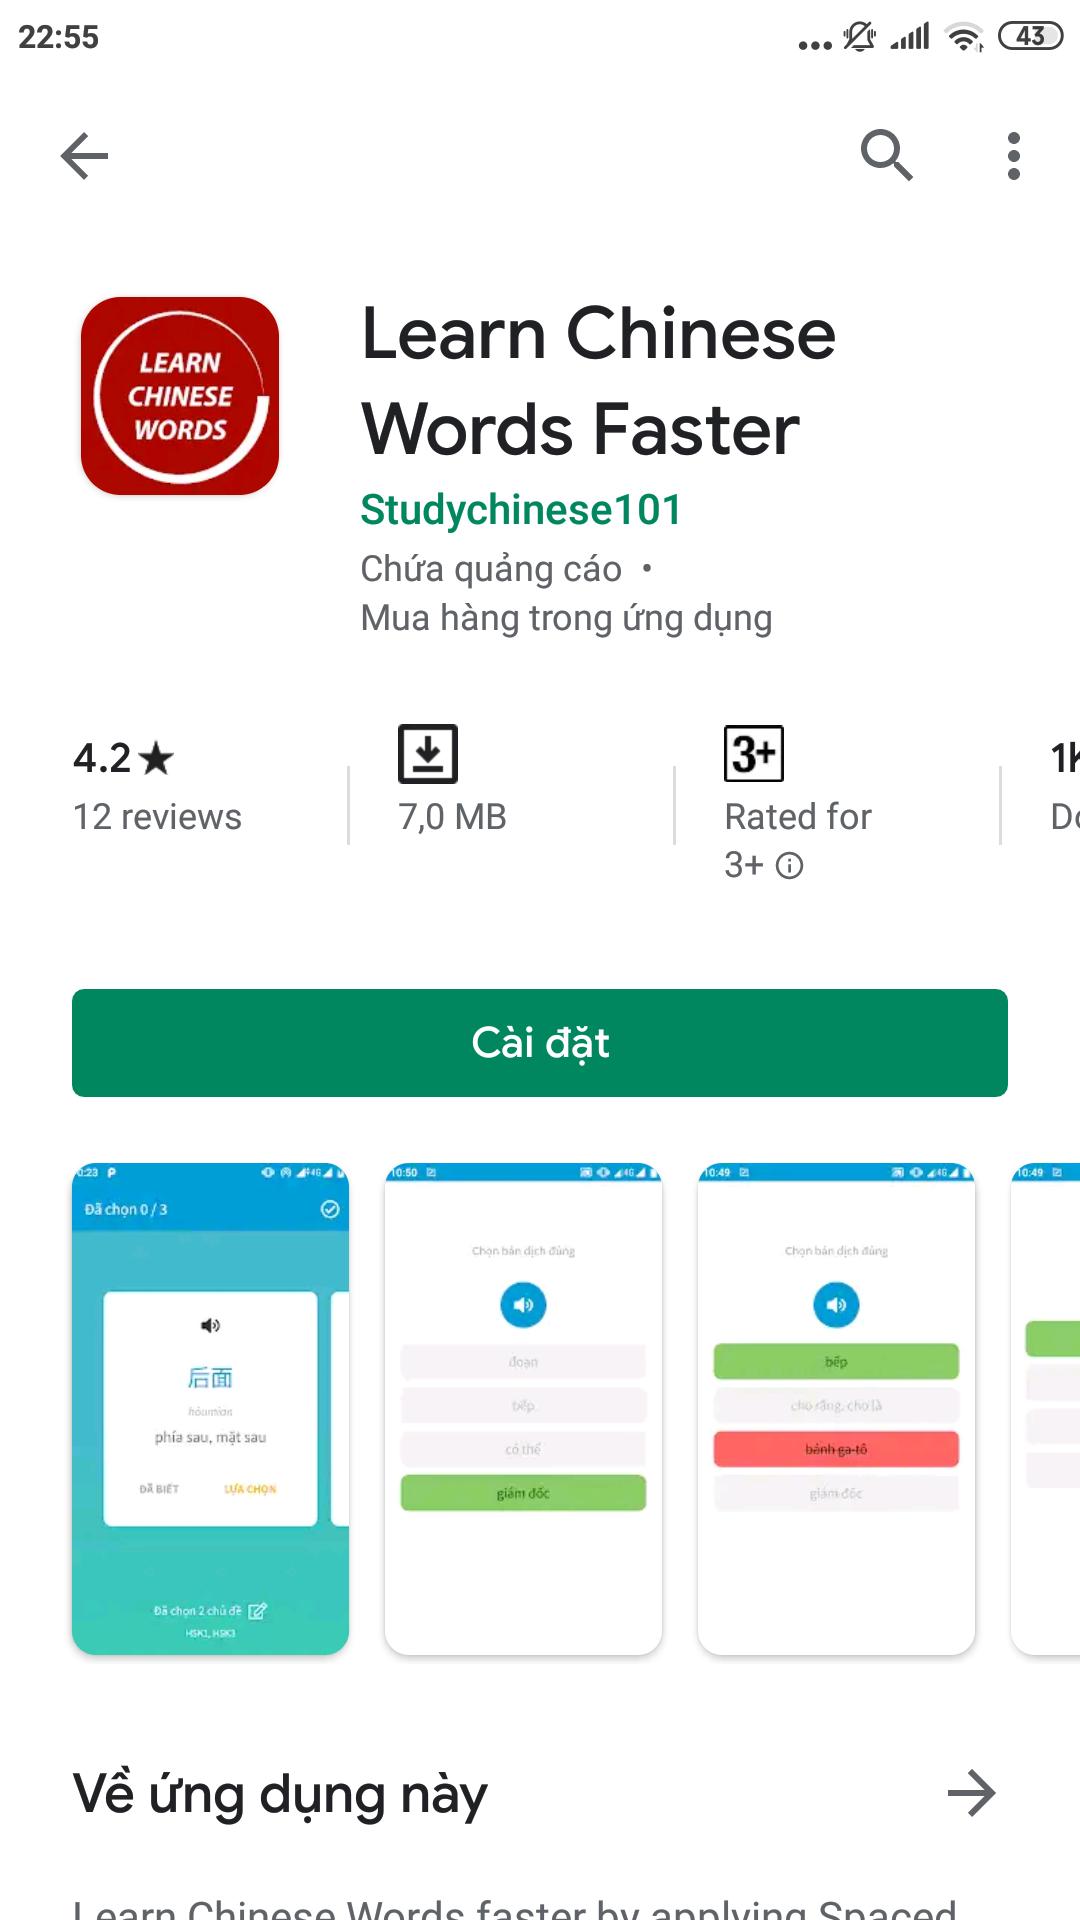 Học từ vựng tiếng Trung siêu tốc (1)